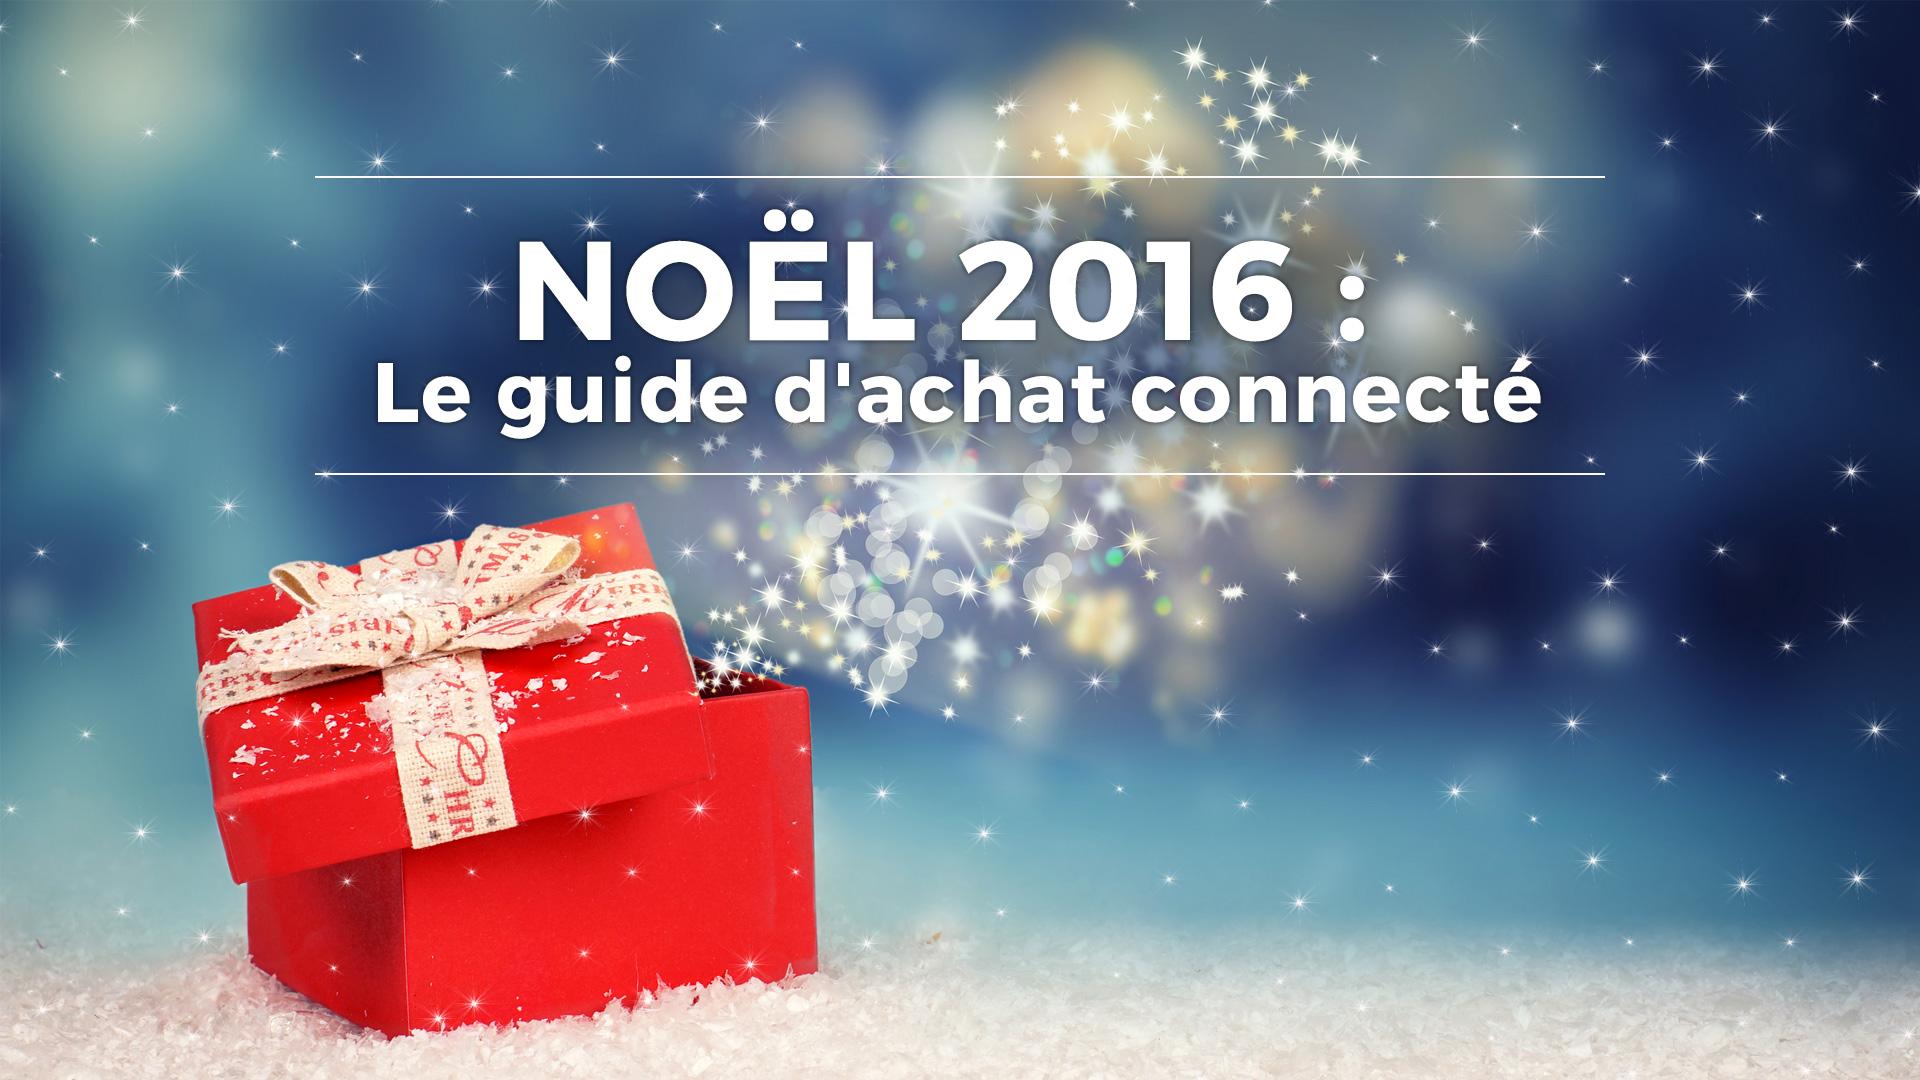 Noël 2016 : le guide d'achat connecté